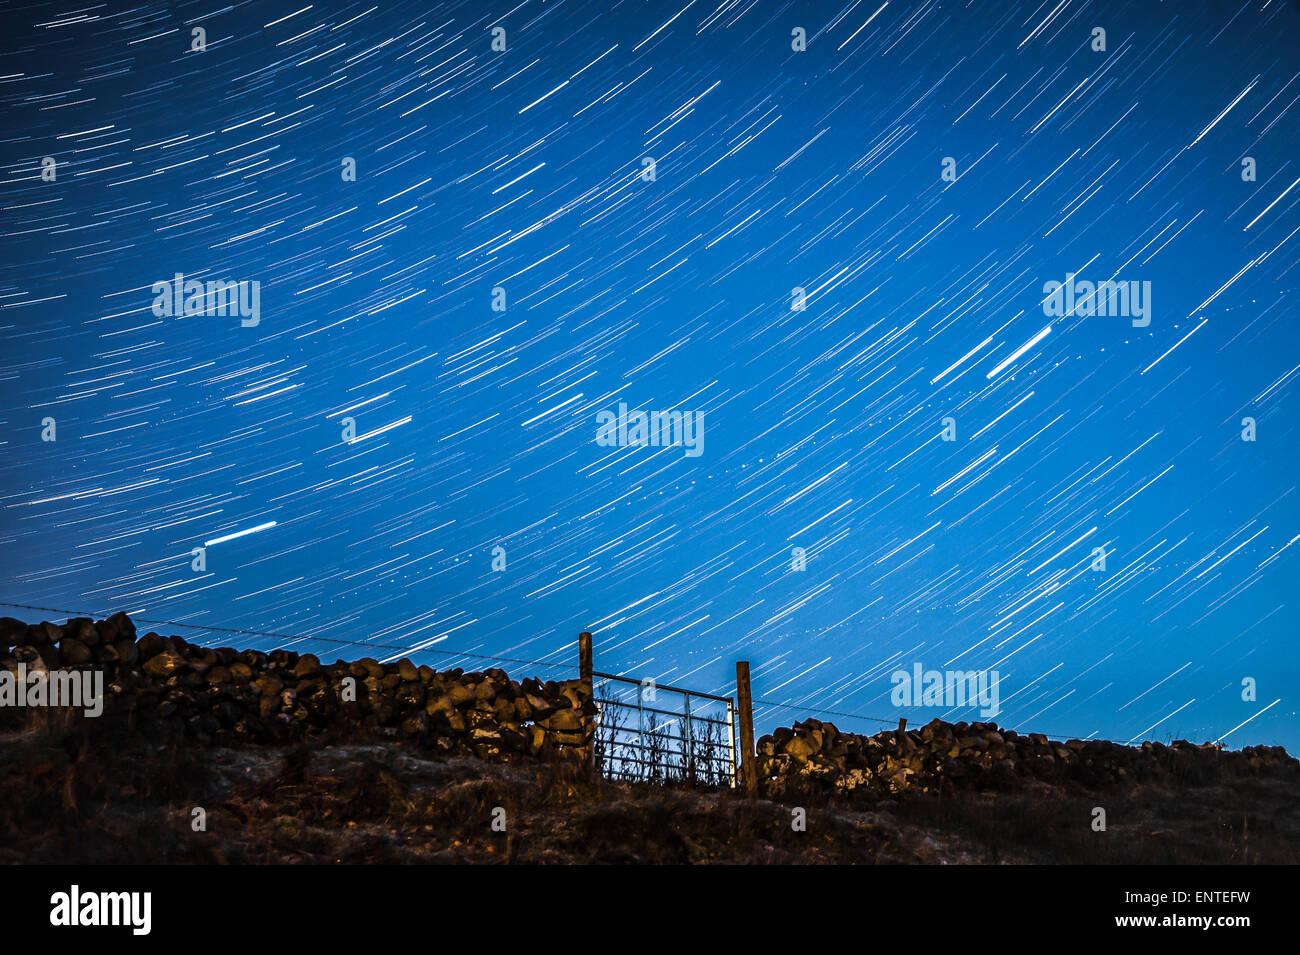 Star trail in the night sky - stars in starry sky in the dark, UK - Stock Image